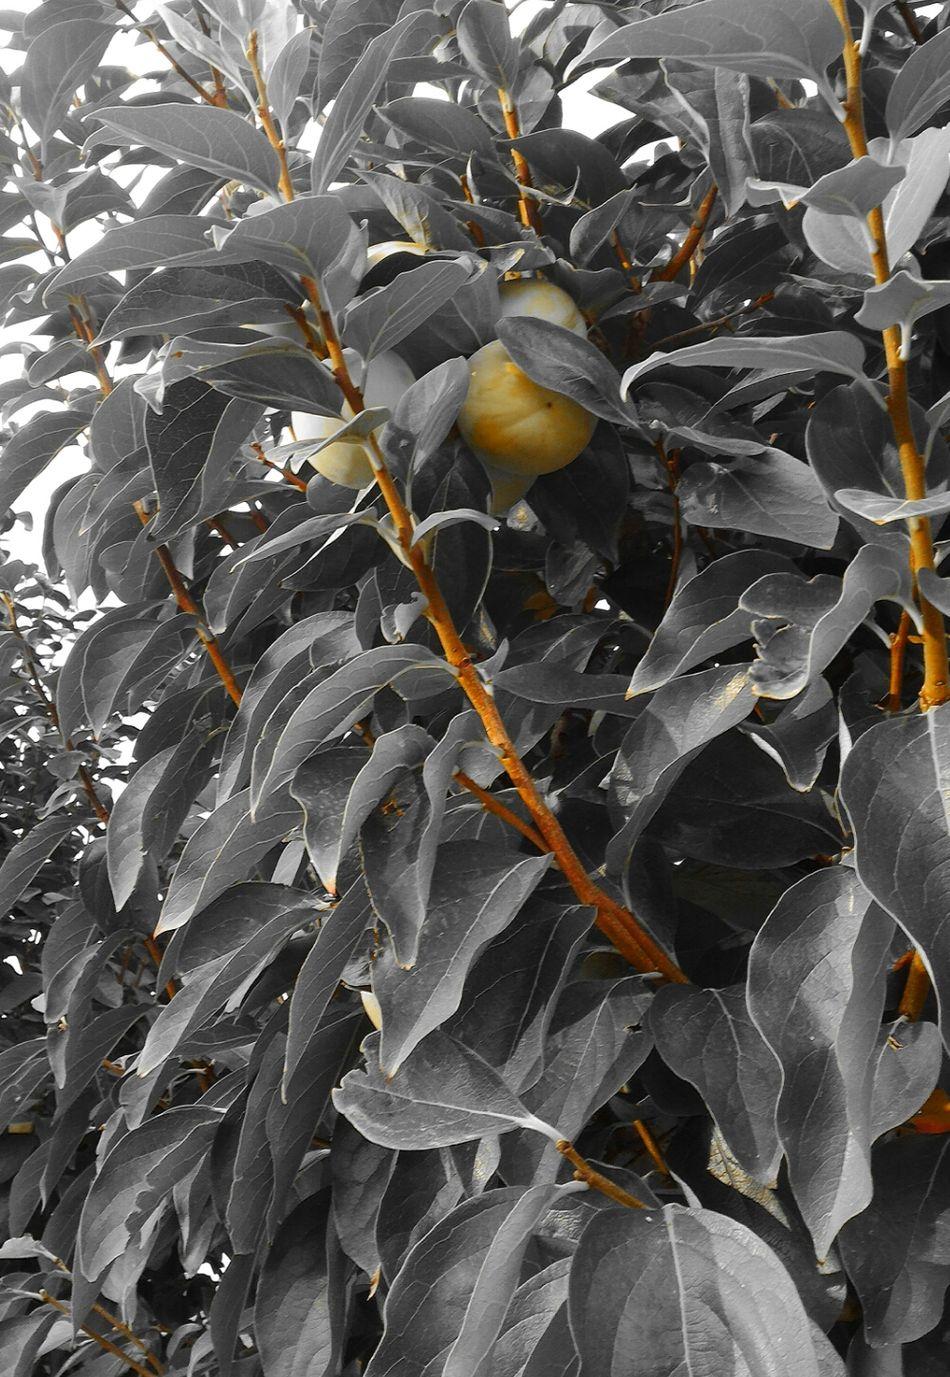 Melegialle Yellowapples Mele  Gialle Yellow Apples Amarillos Manzanas Cachi Autunno  Palline Alberi Giallo E Nero G/n Y/b Oroargento Goldsilver Leaf Foglie Foglie Leaves